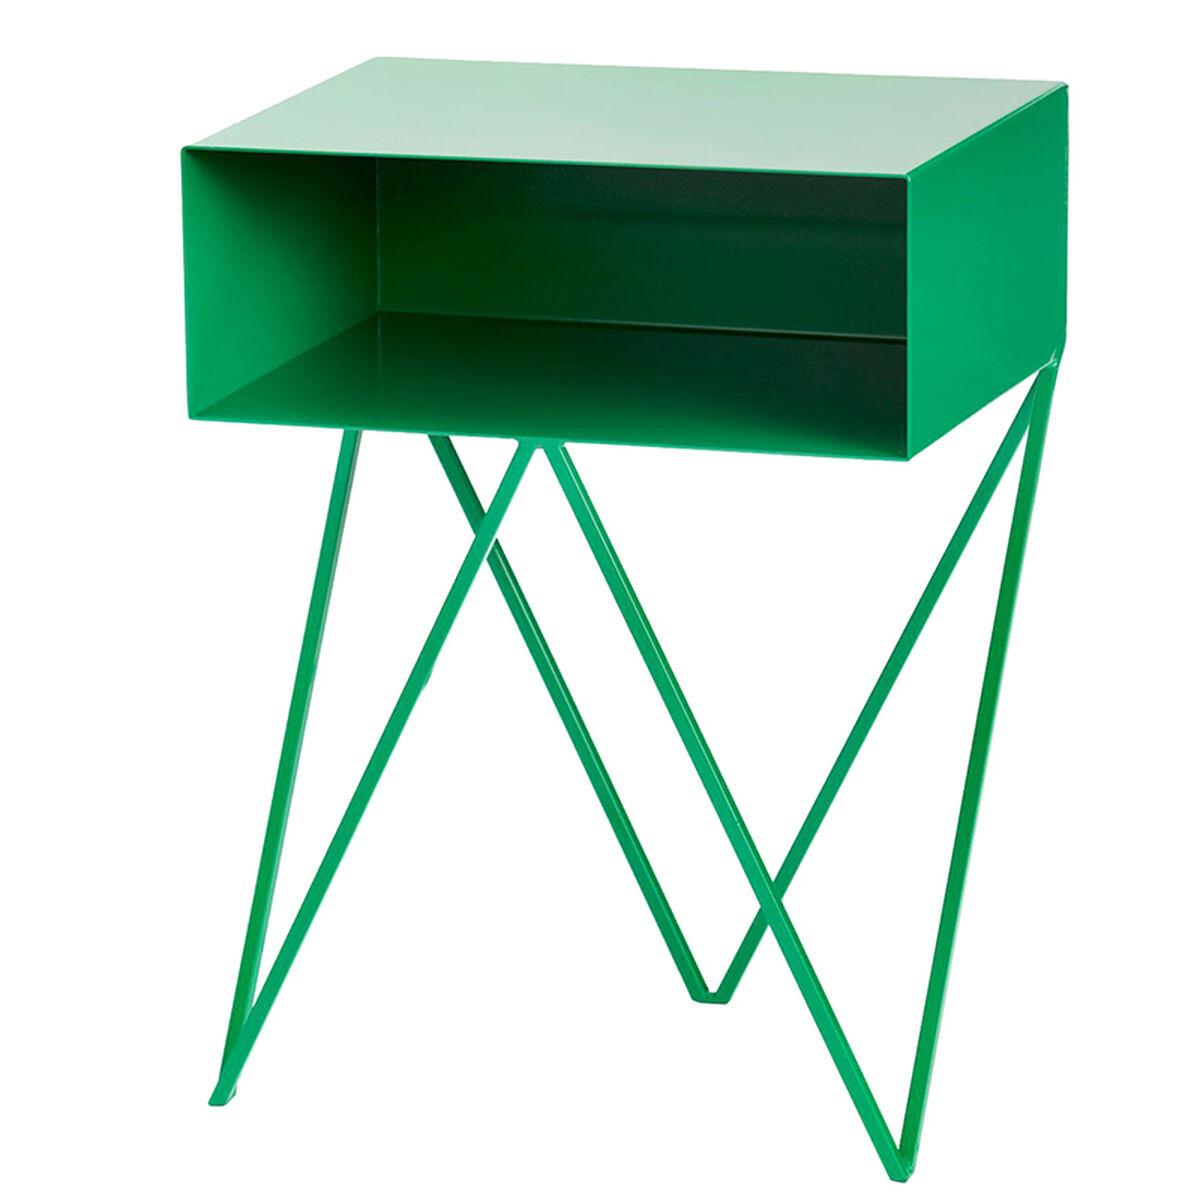 &New Robot sivupöytä, vihreä